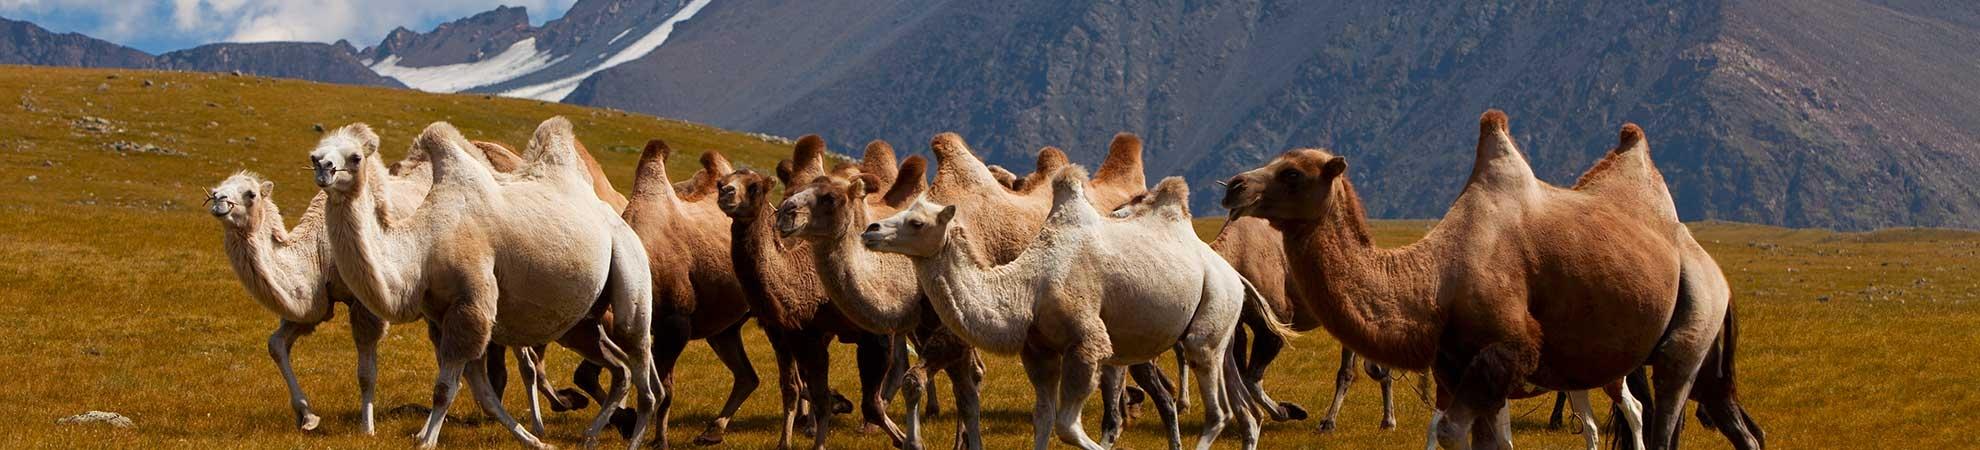 Informations pratiques Fiche pays Mongolie